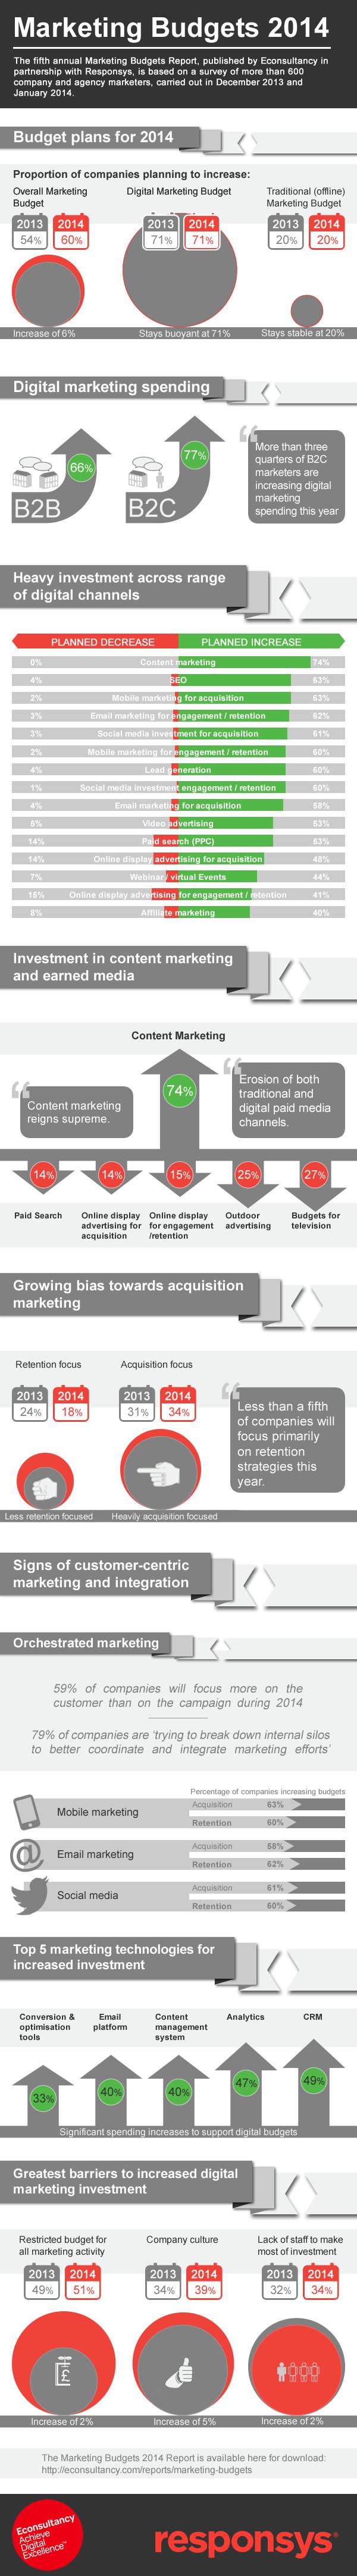 Onderzoek Econsultancy Marketing budgets